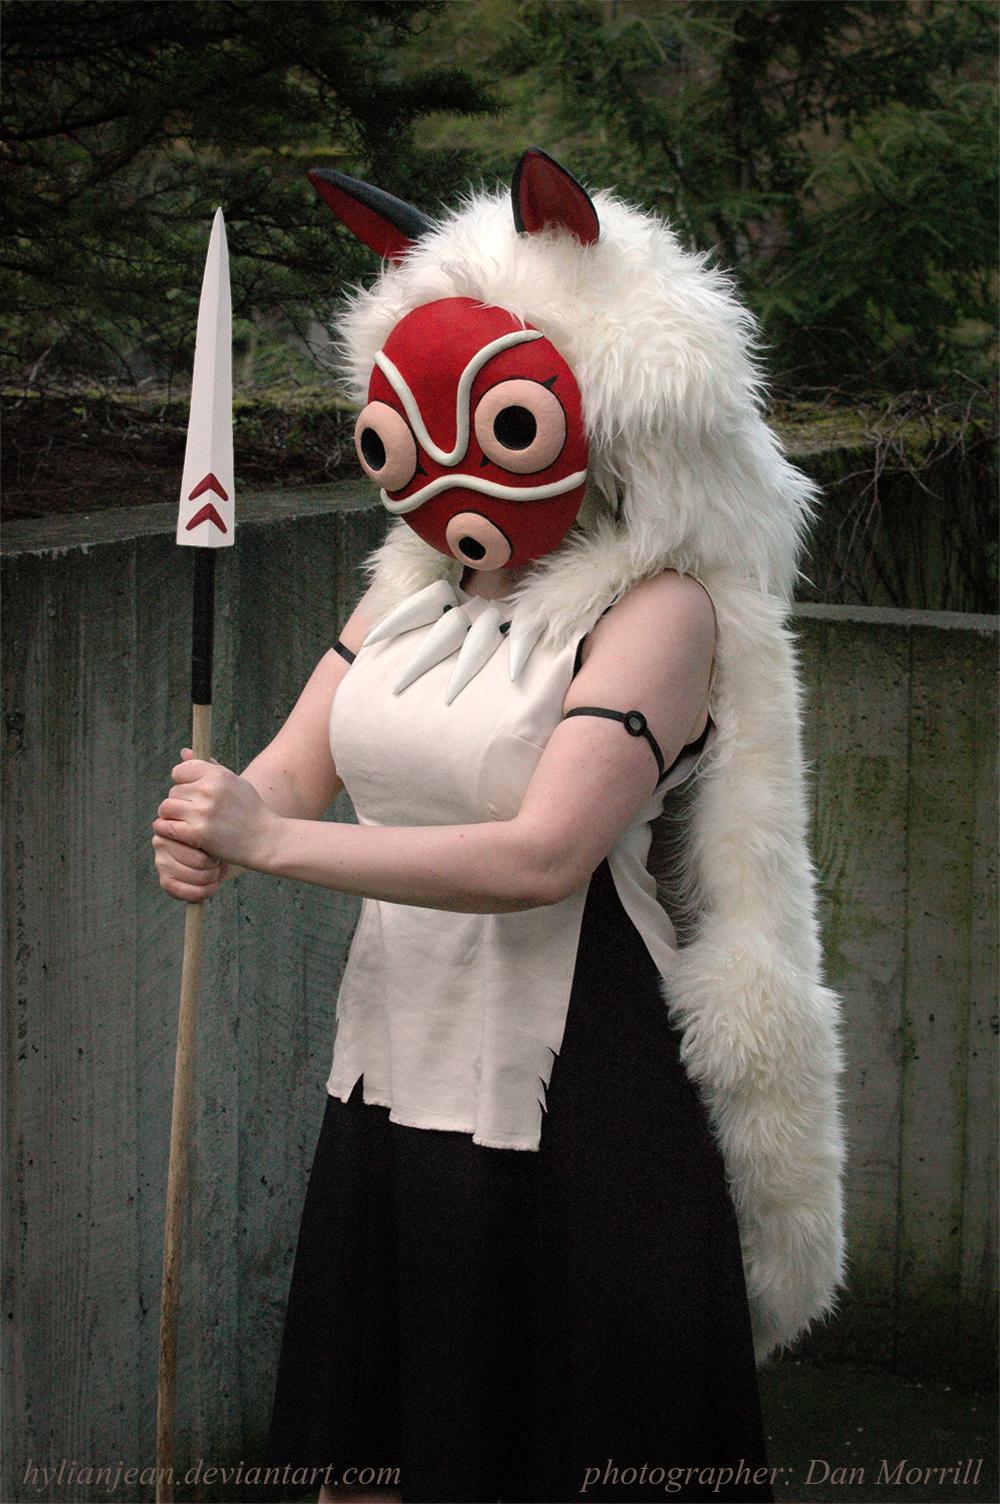 HylianJean  is San / Princess Mononoke | Photo by  DanMorrill